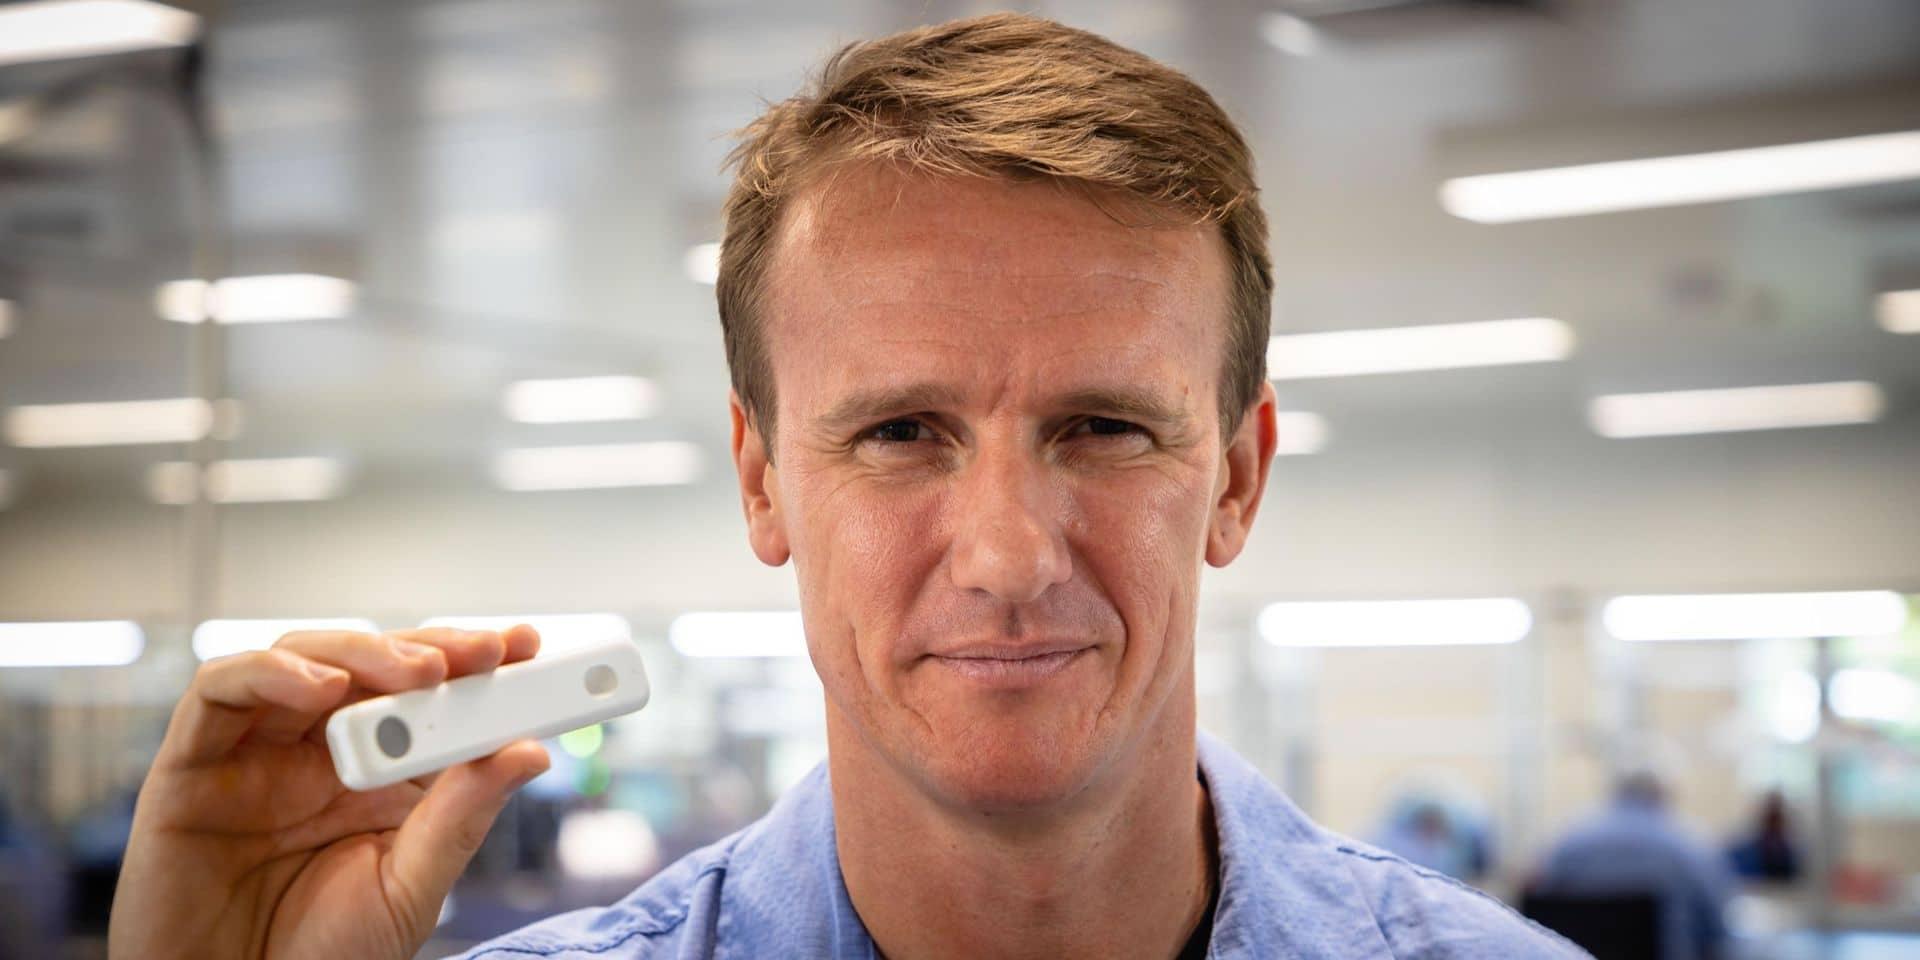 Un médecin australien crée un test Covid-19 efficace en 15 minutes, Washington donne son feu vert